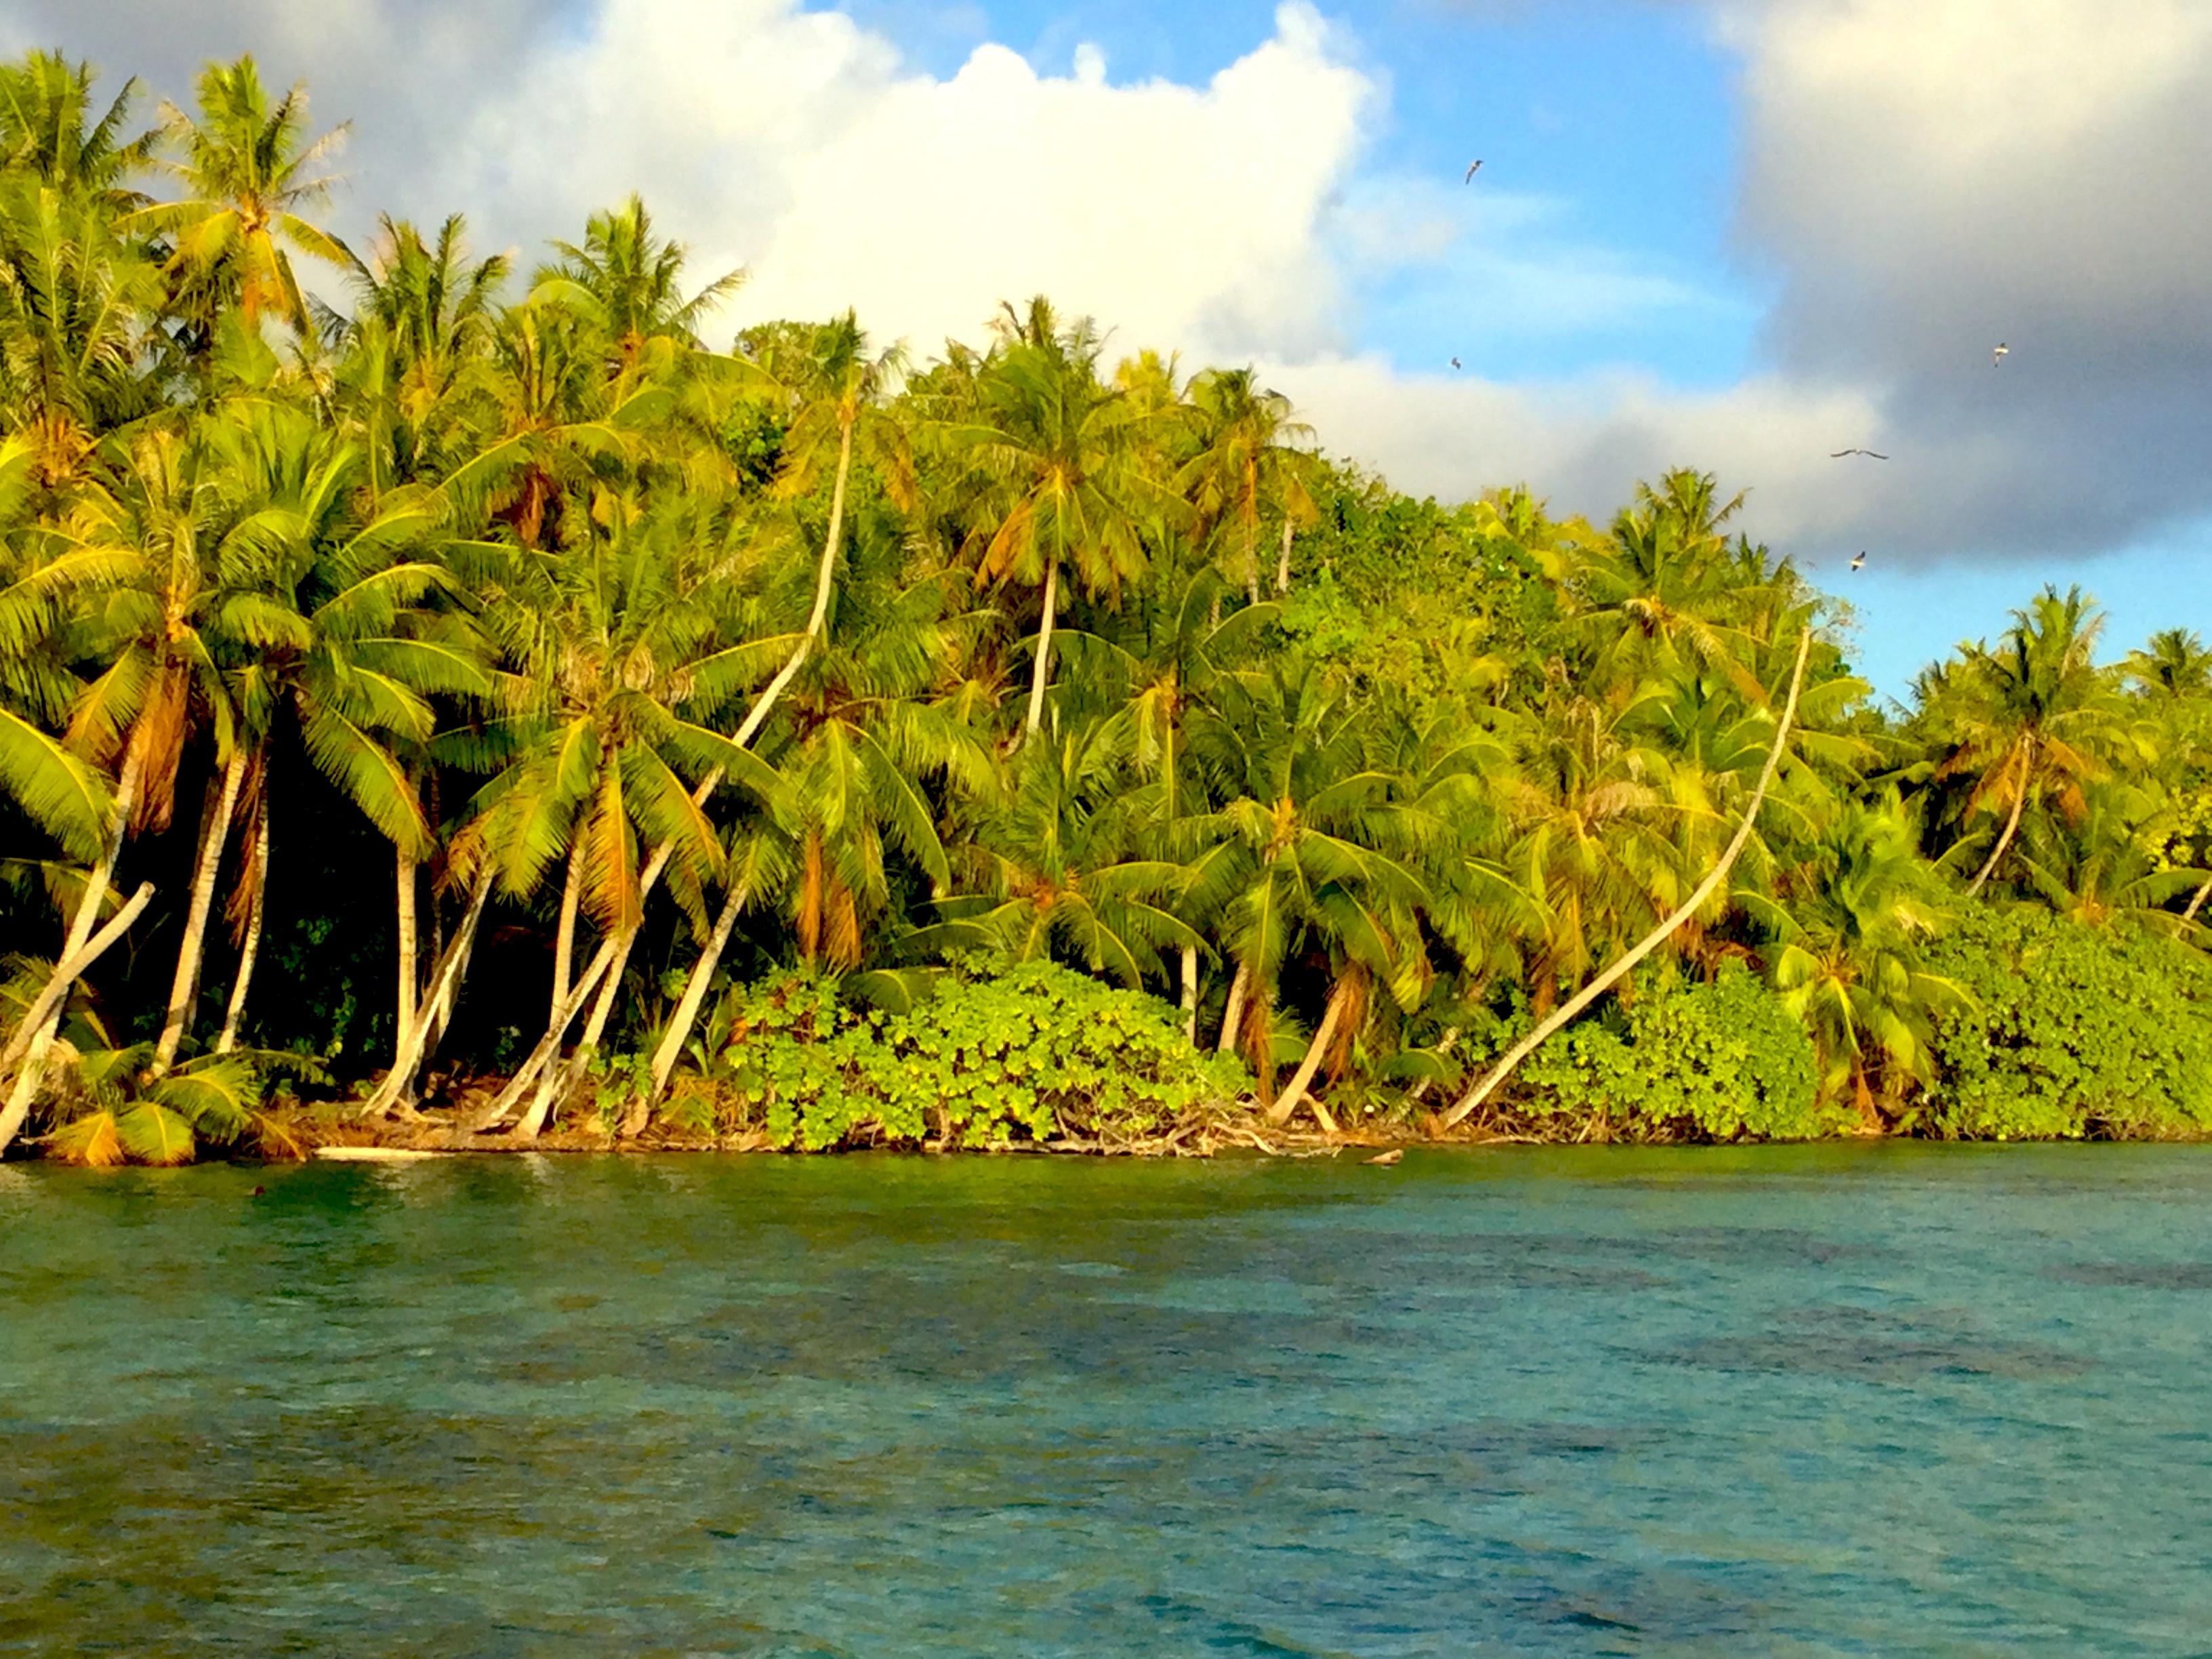 De loin, les sommets des « gatae » (Pisonia grandis) dépassent les cocotiers. C'est ici que se trouve la dernière forêt indigène de Ahe.